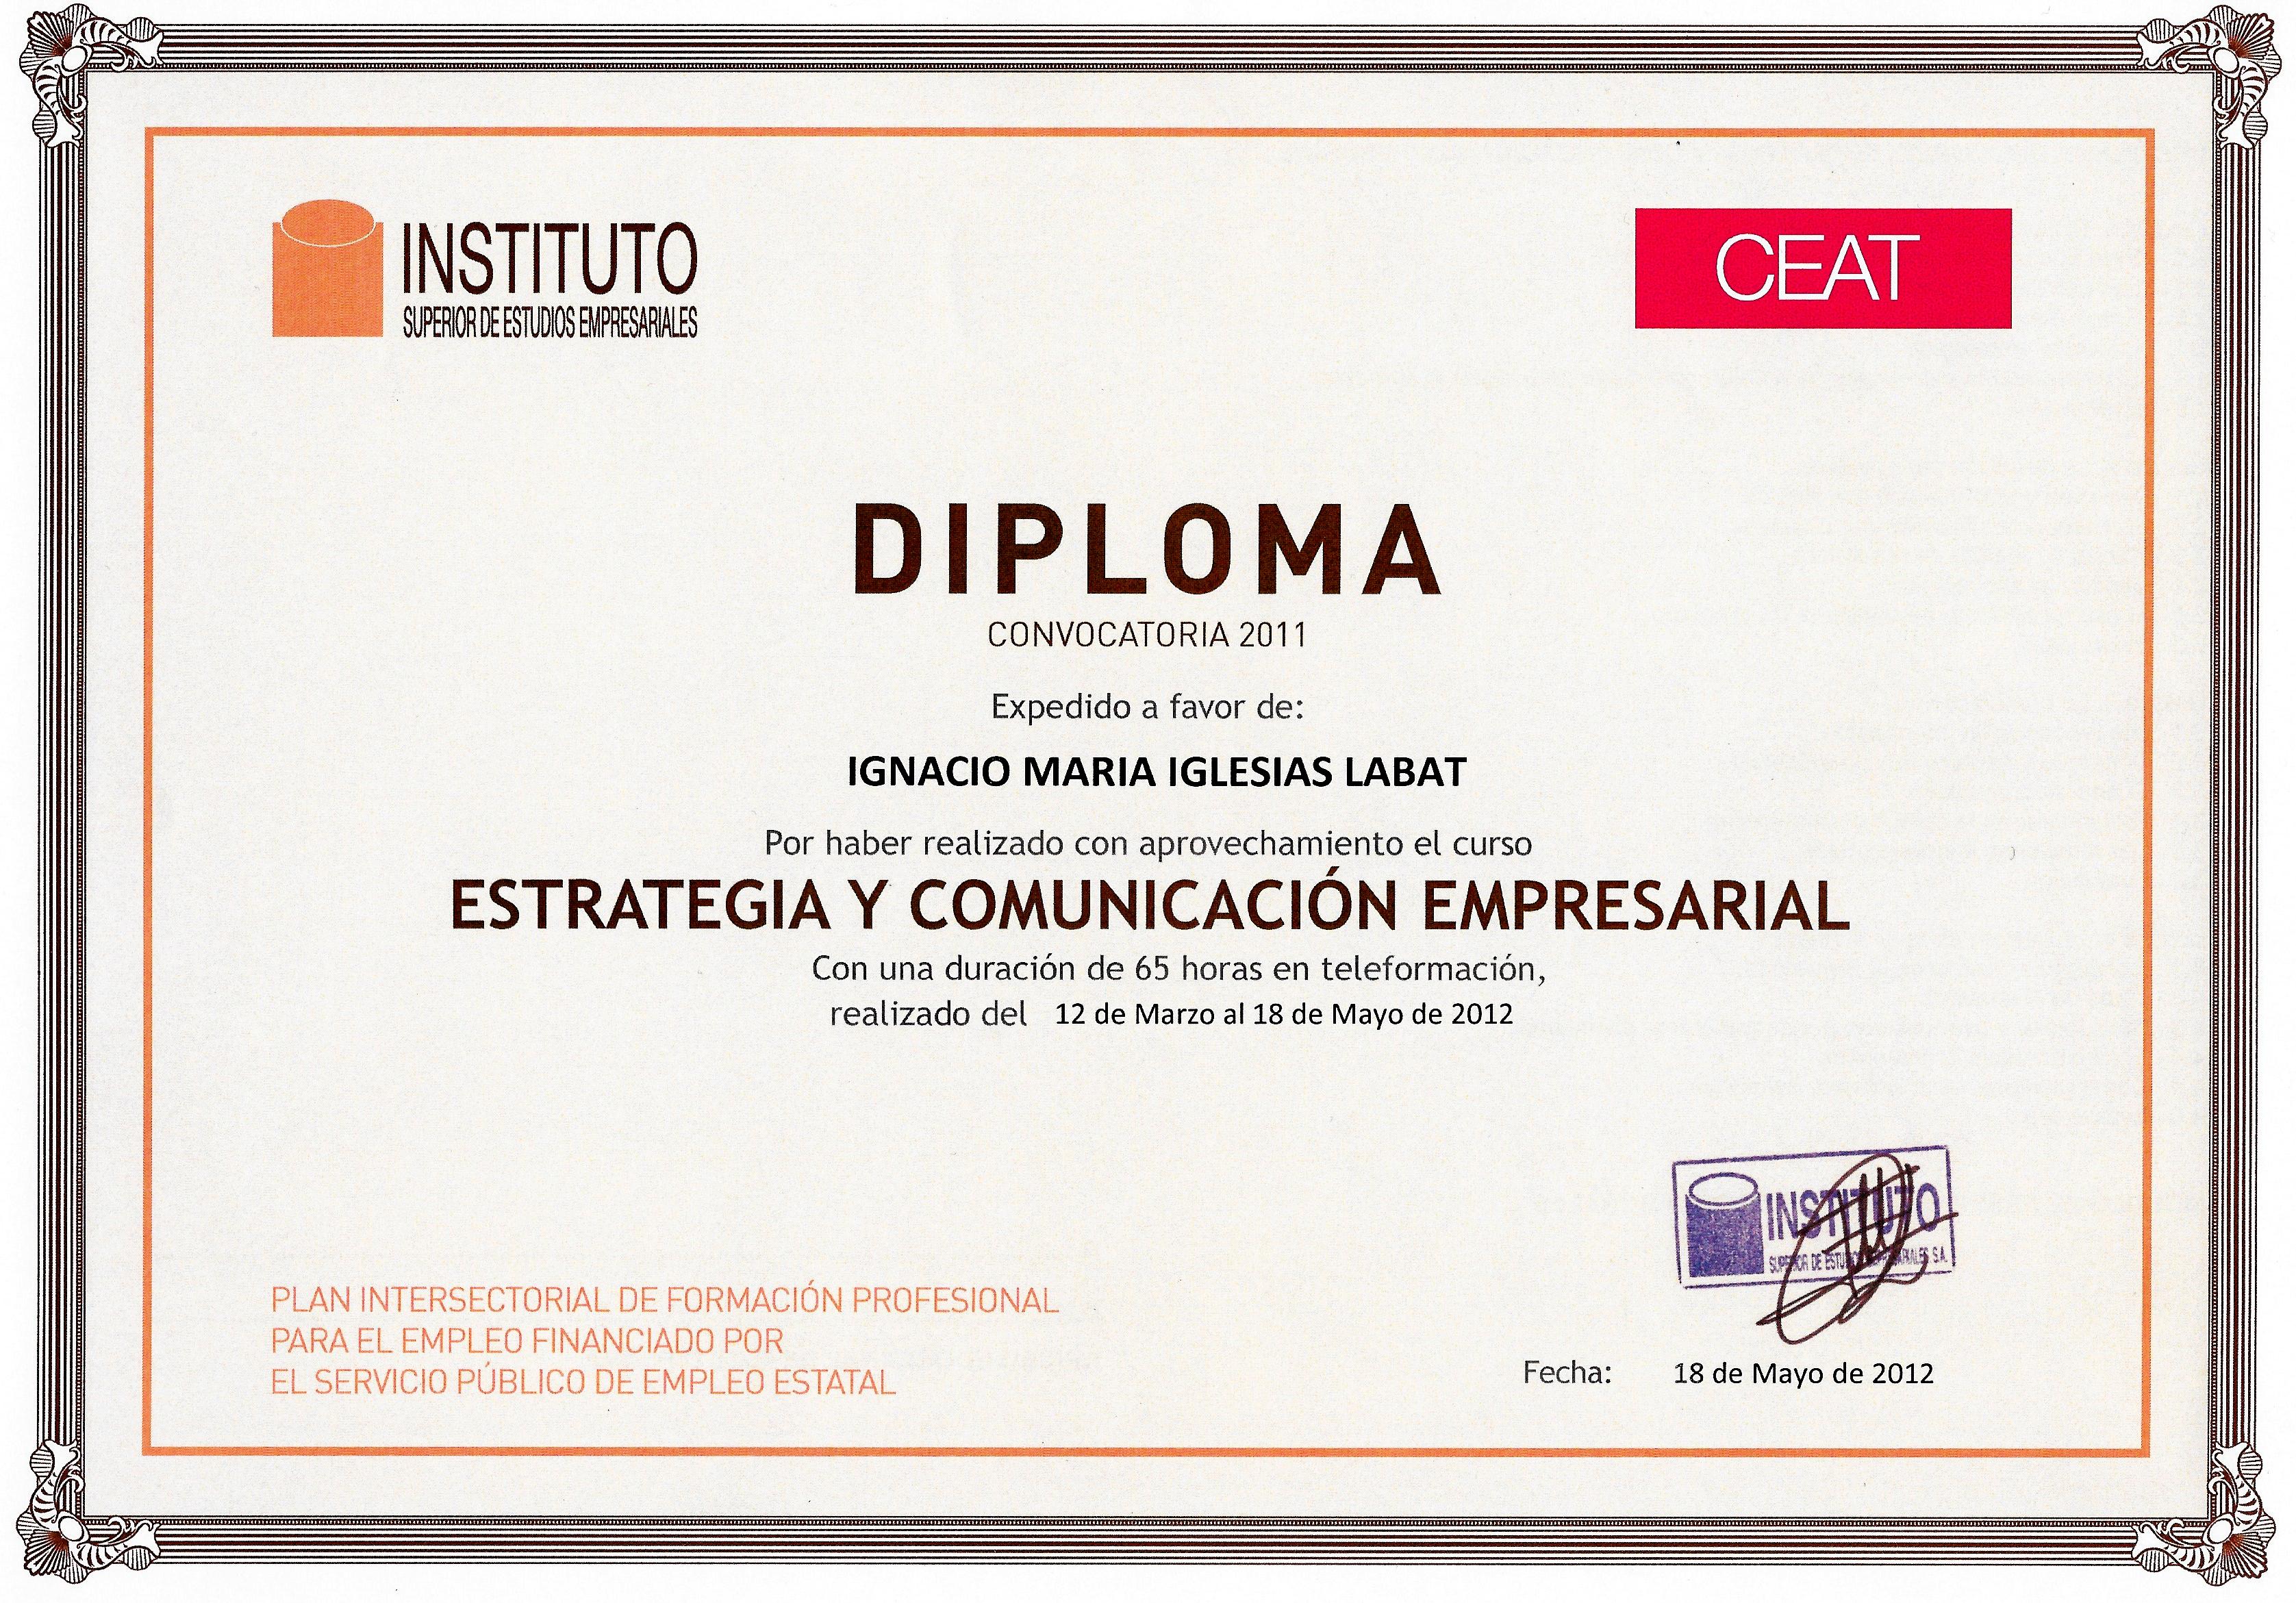 Diploma Estrategia y Comunicación Empresarial   INSTITUTO SUPERIOR DE ESTUDIOS EMPRESARIALES